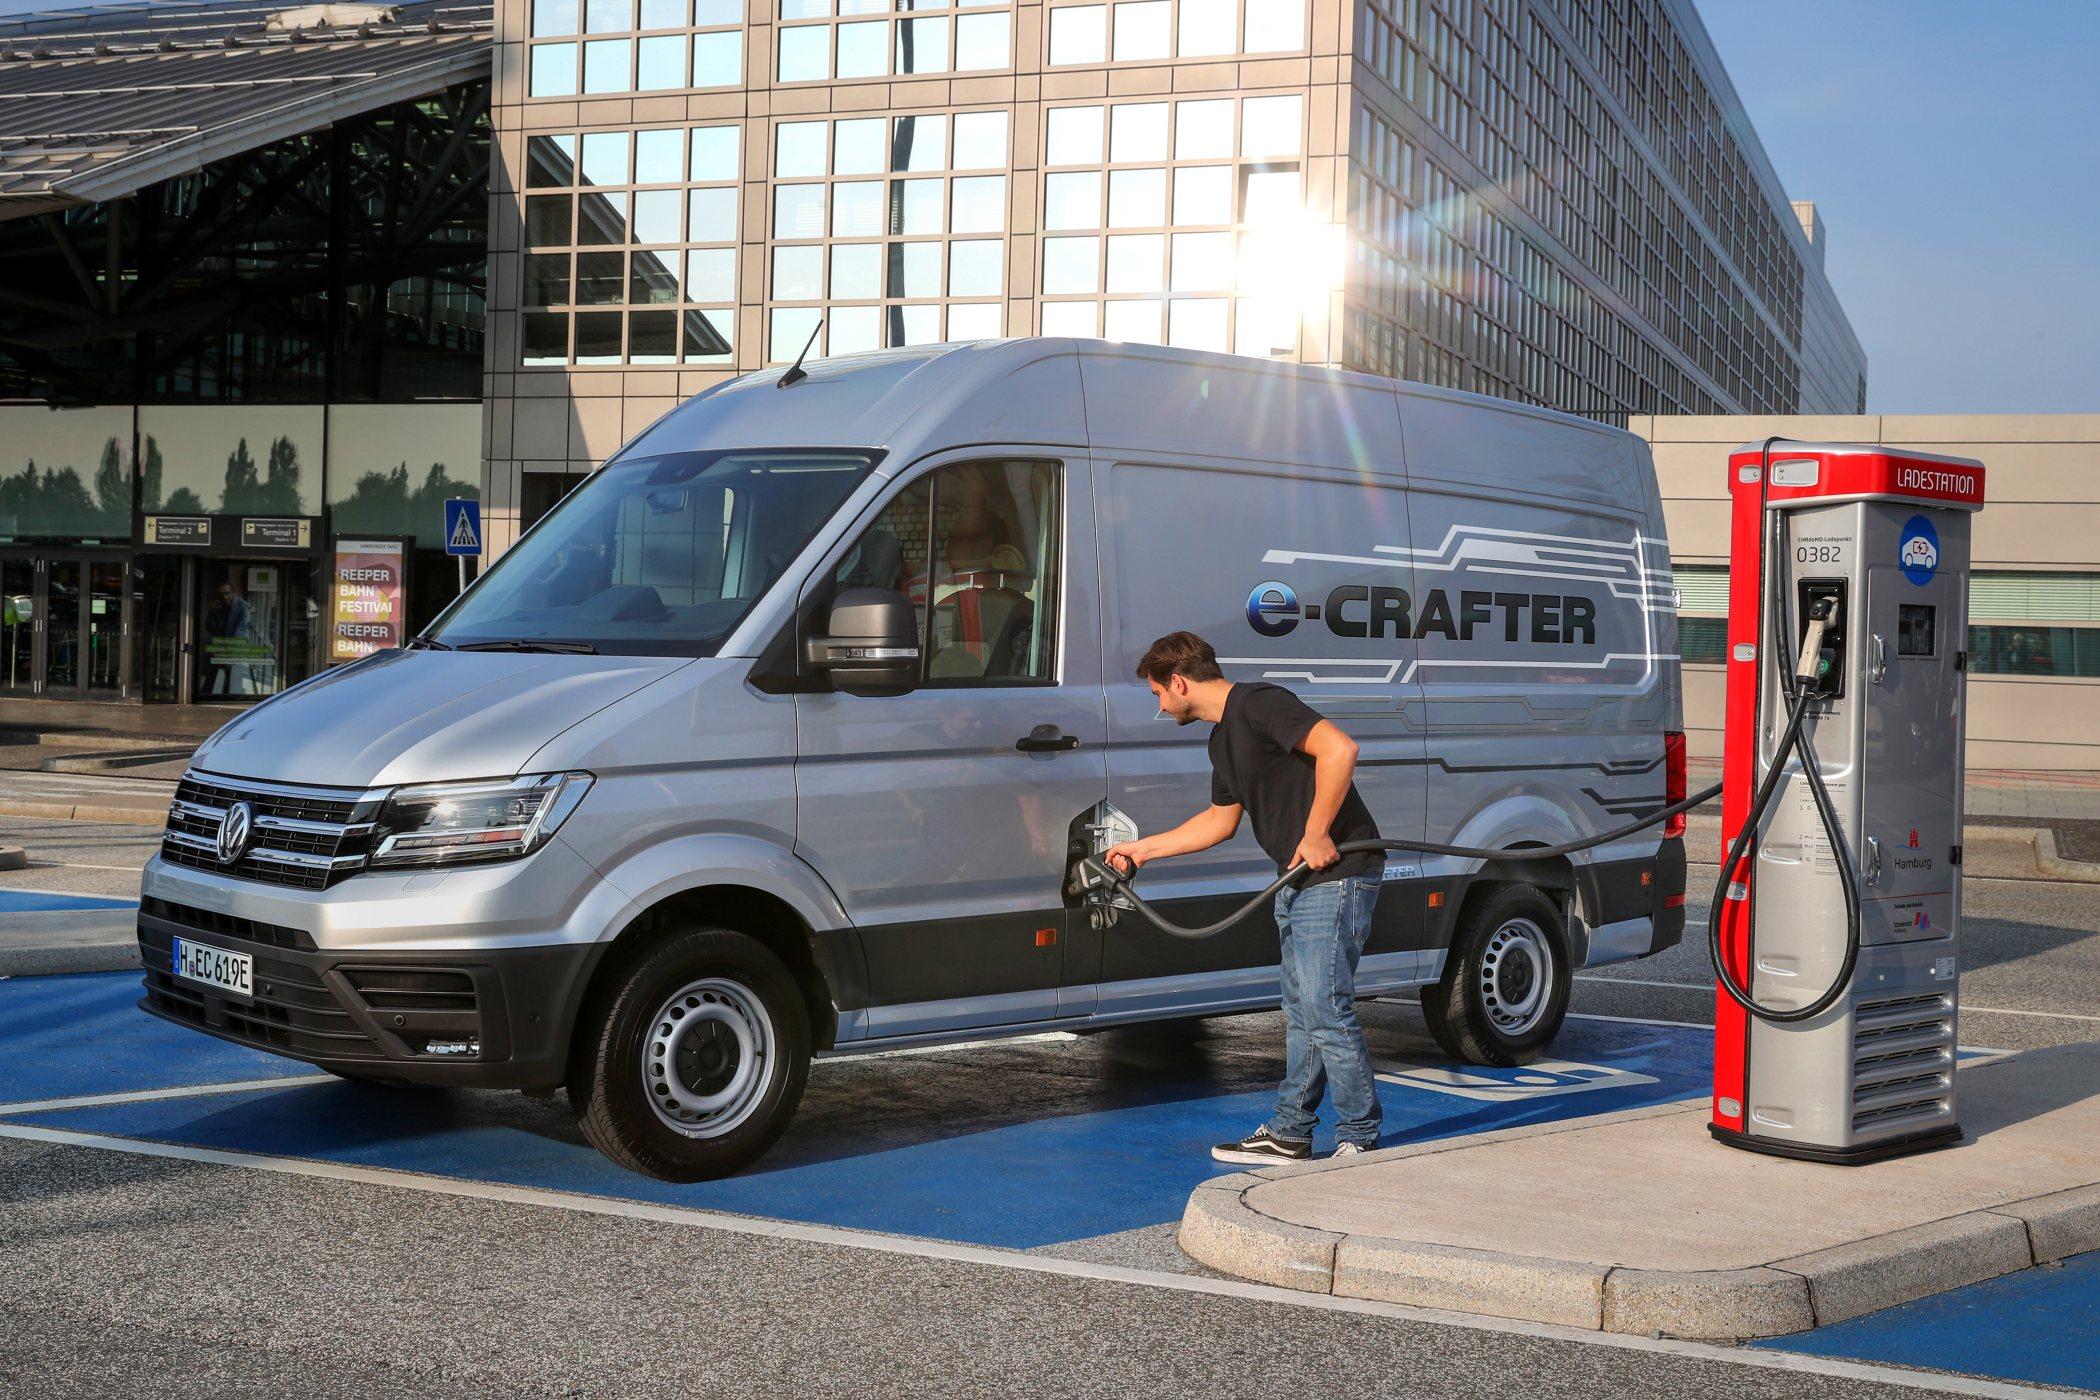 Na jedno nabití ujede Volkswagen e-Crafter asi 170 kilometrů.